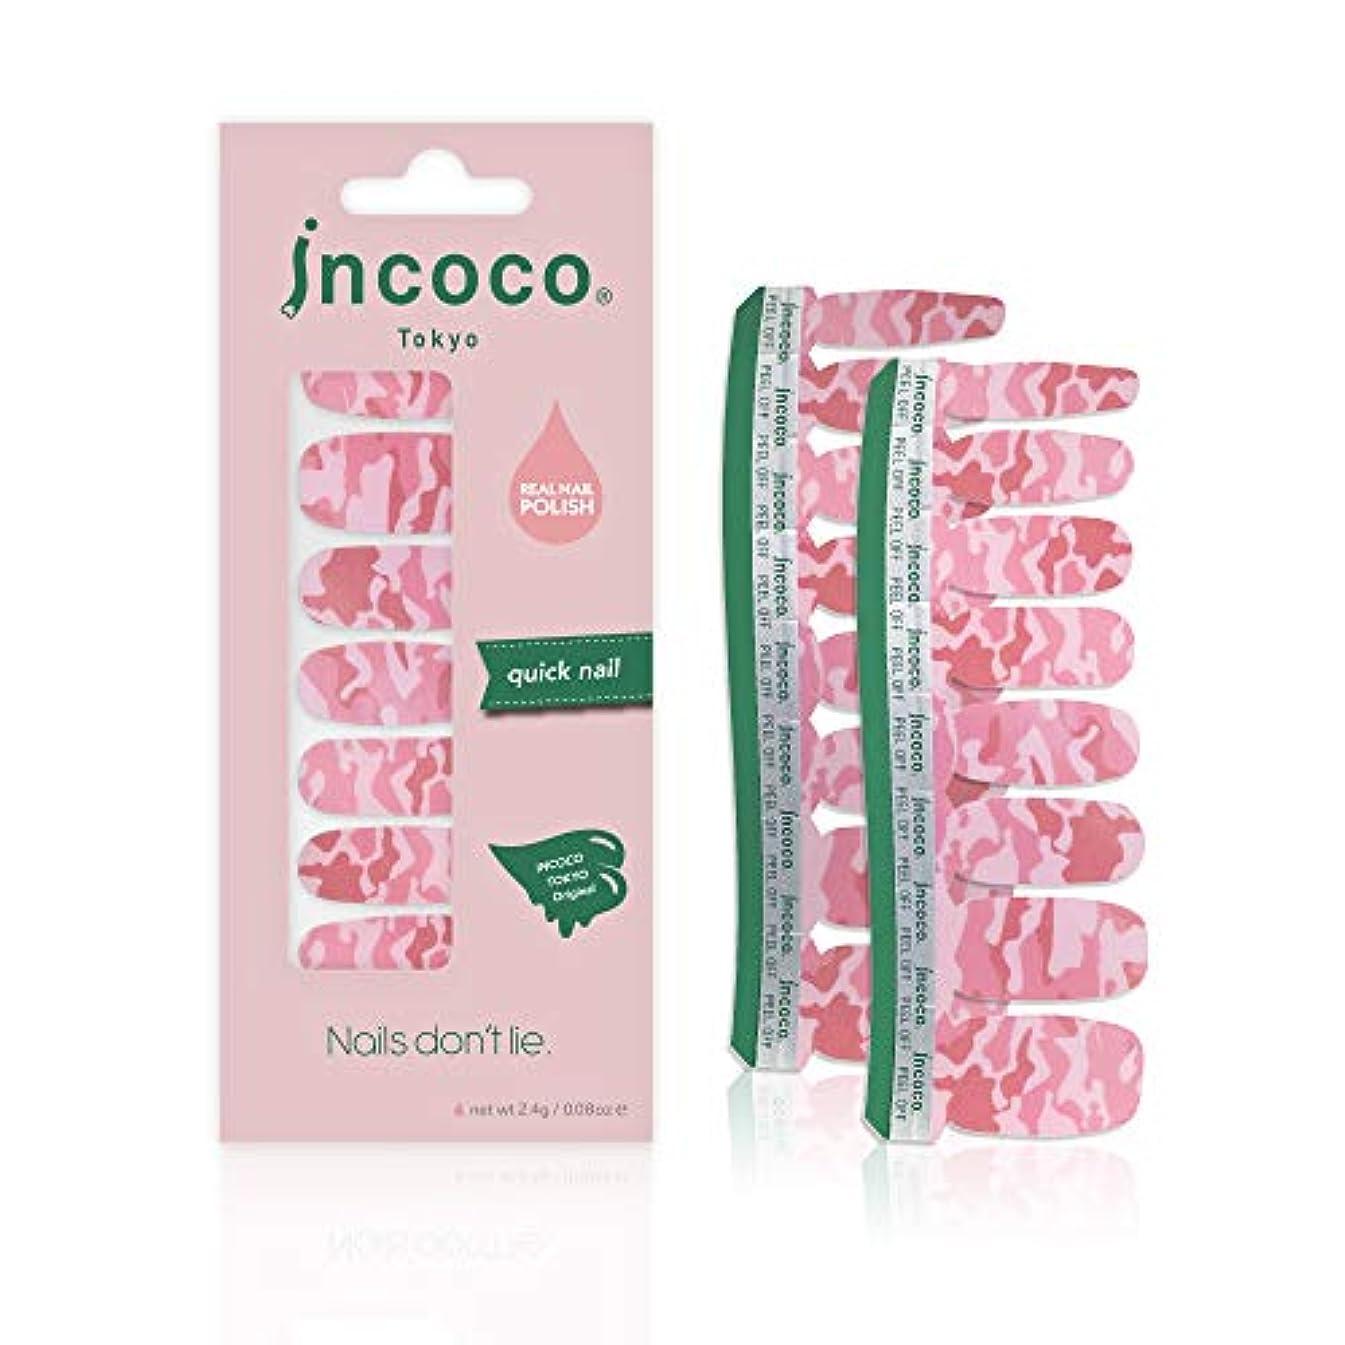 パン屋枢機卿ライラックインココ トーキョー 「ピンク カモ」 (Pink Camo)